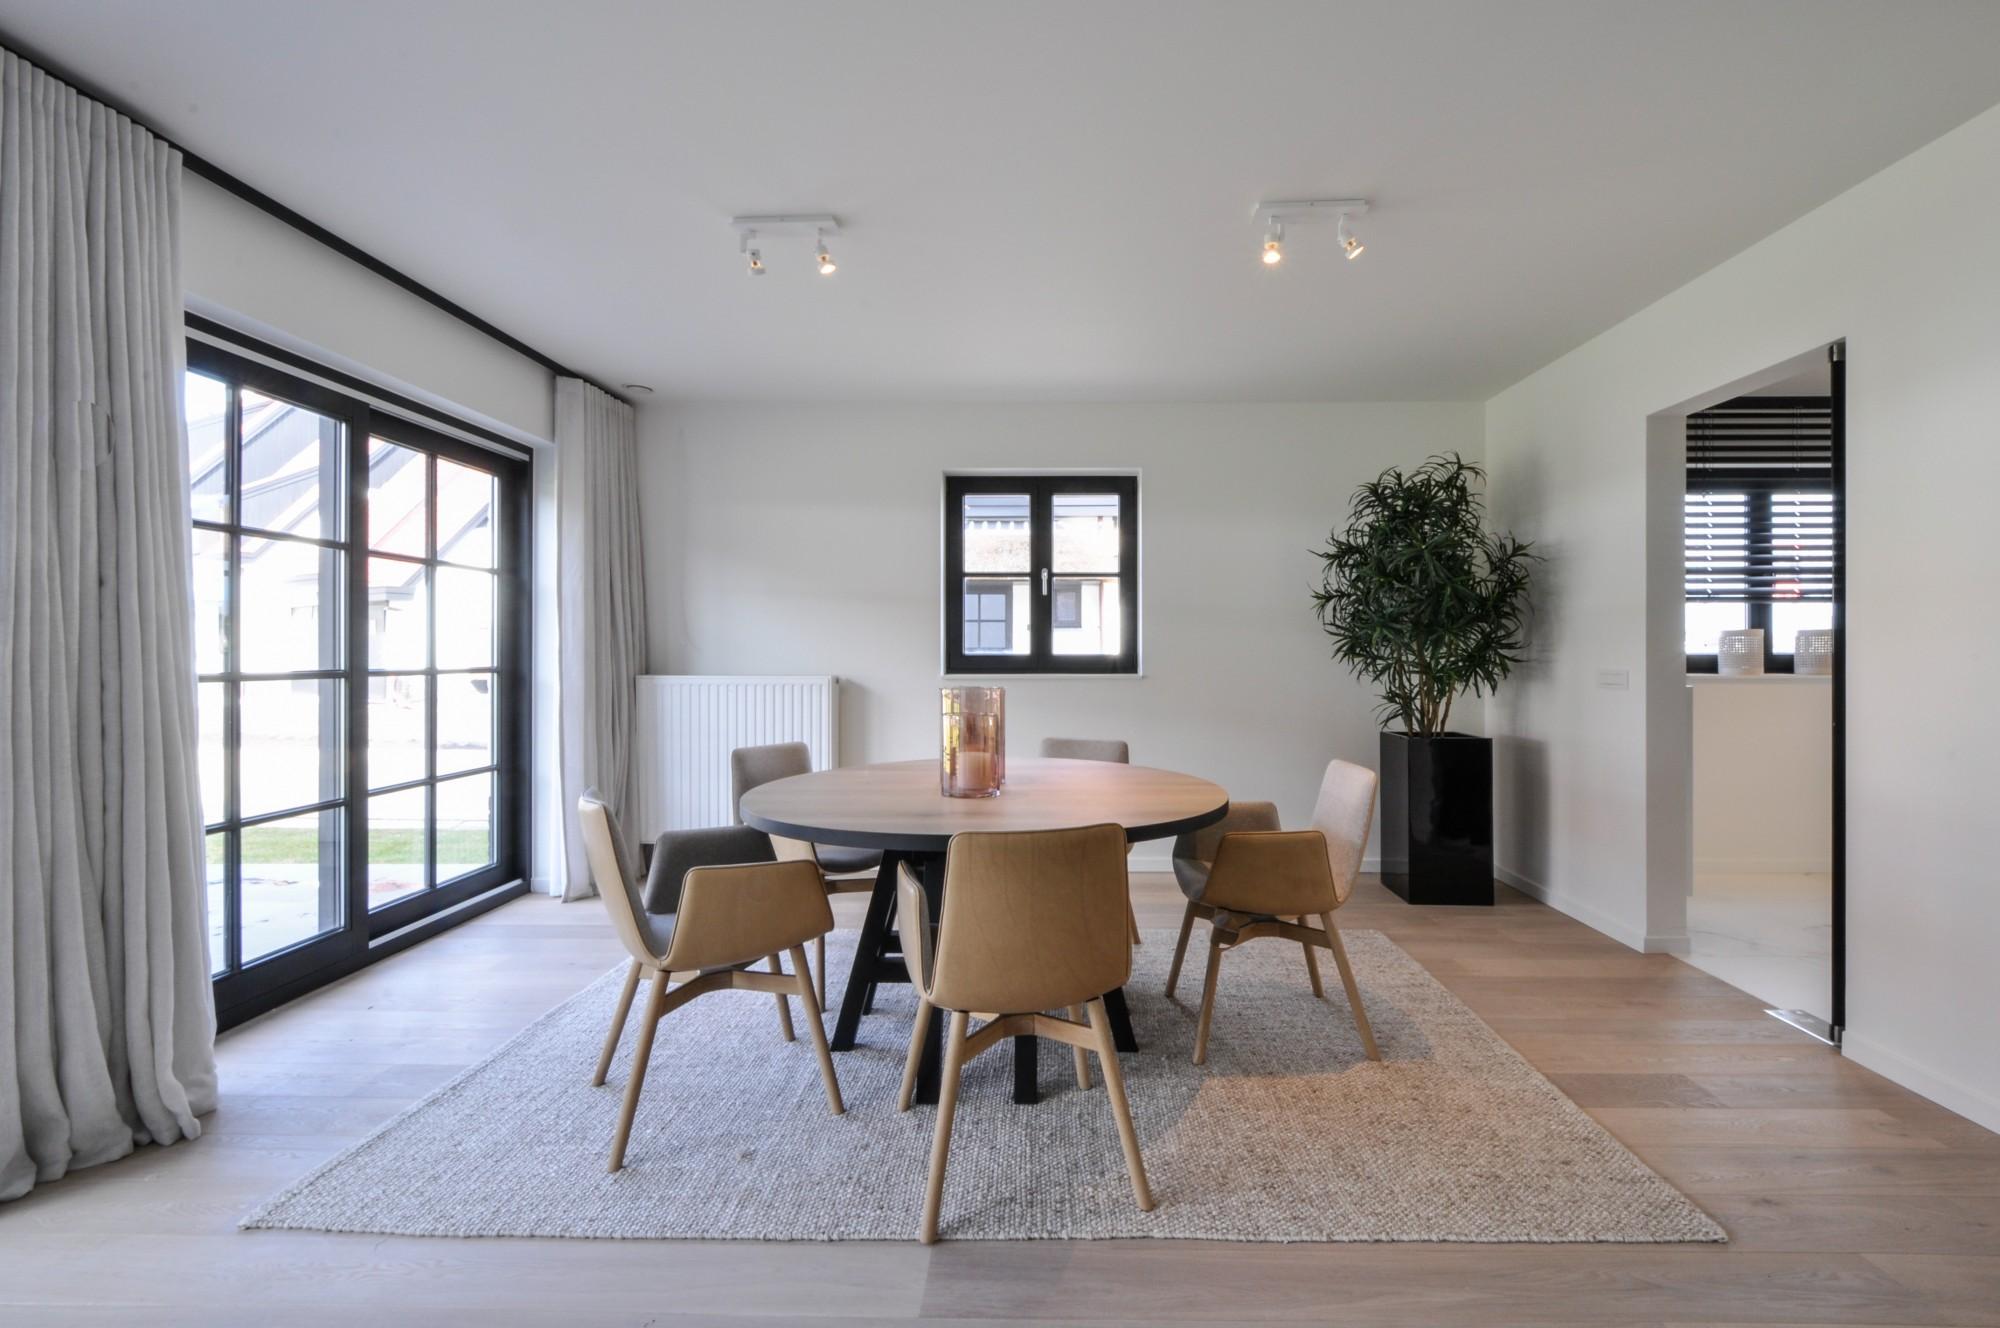 Verkoop huis t4 f4 knokke heist modelwoning te for Huis verkoop site